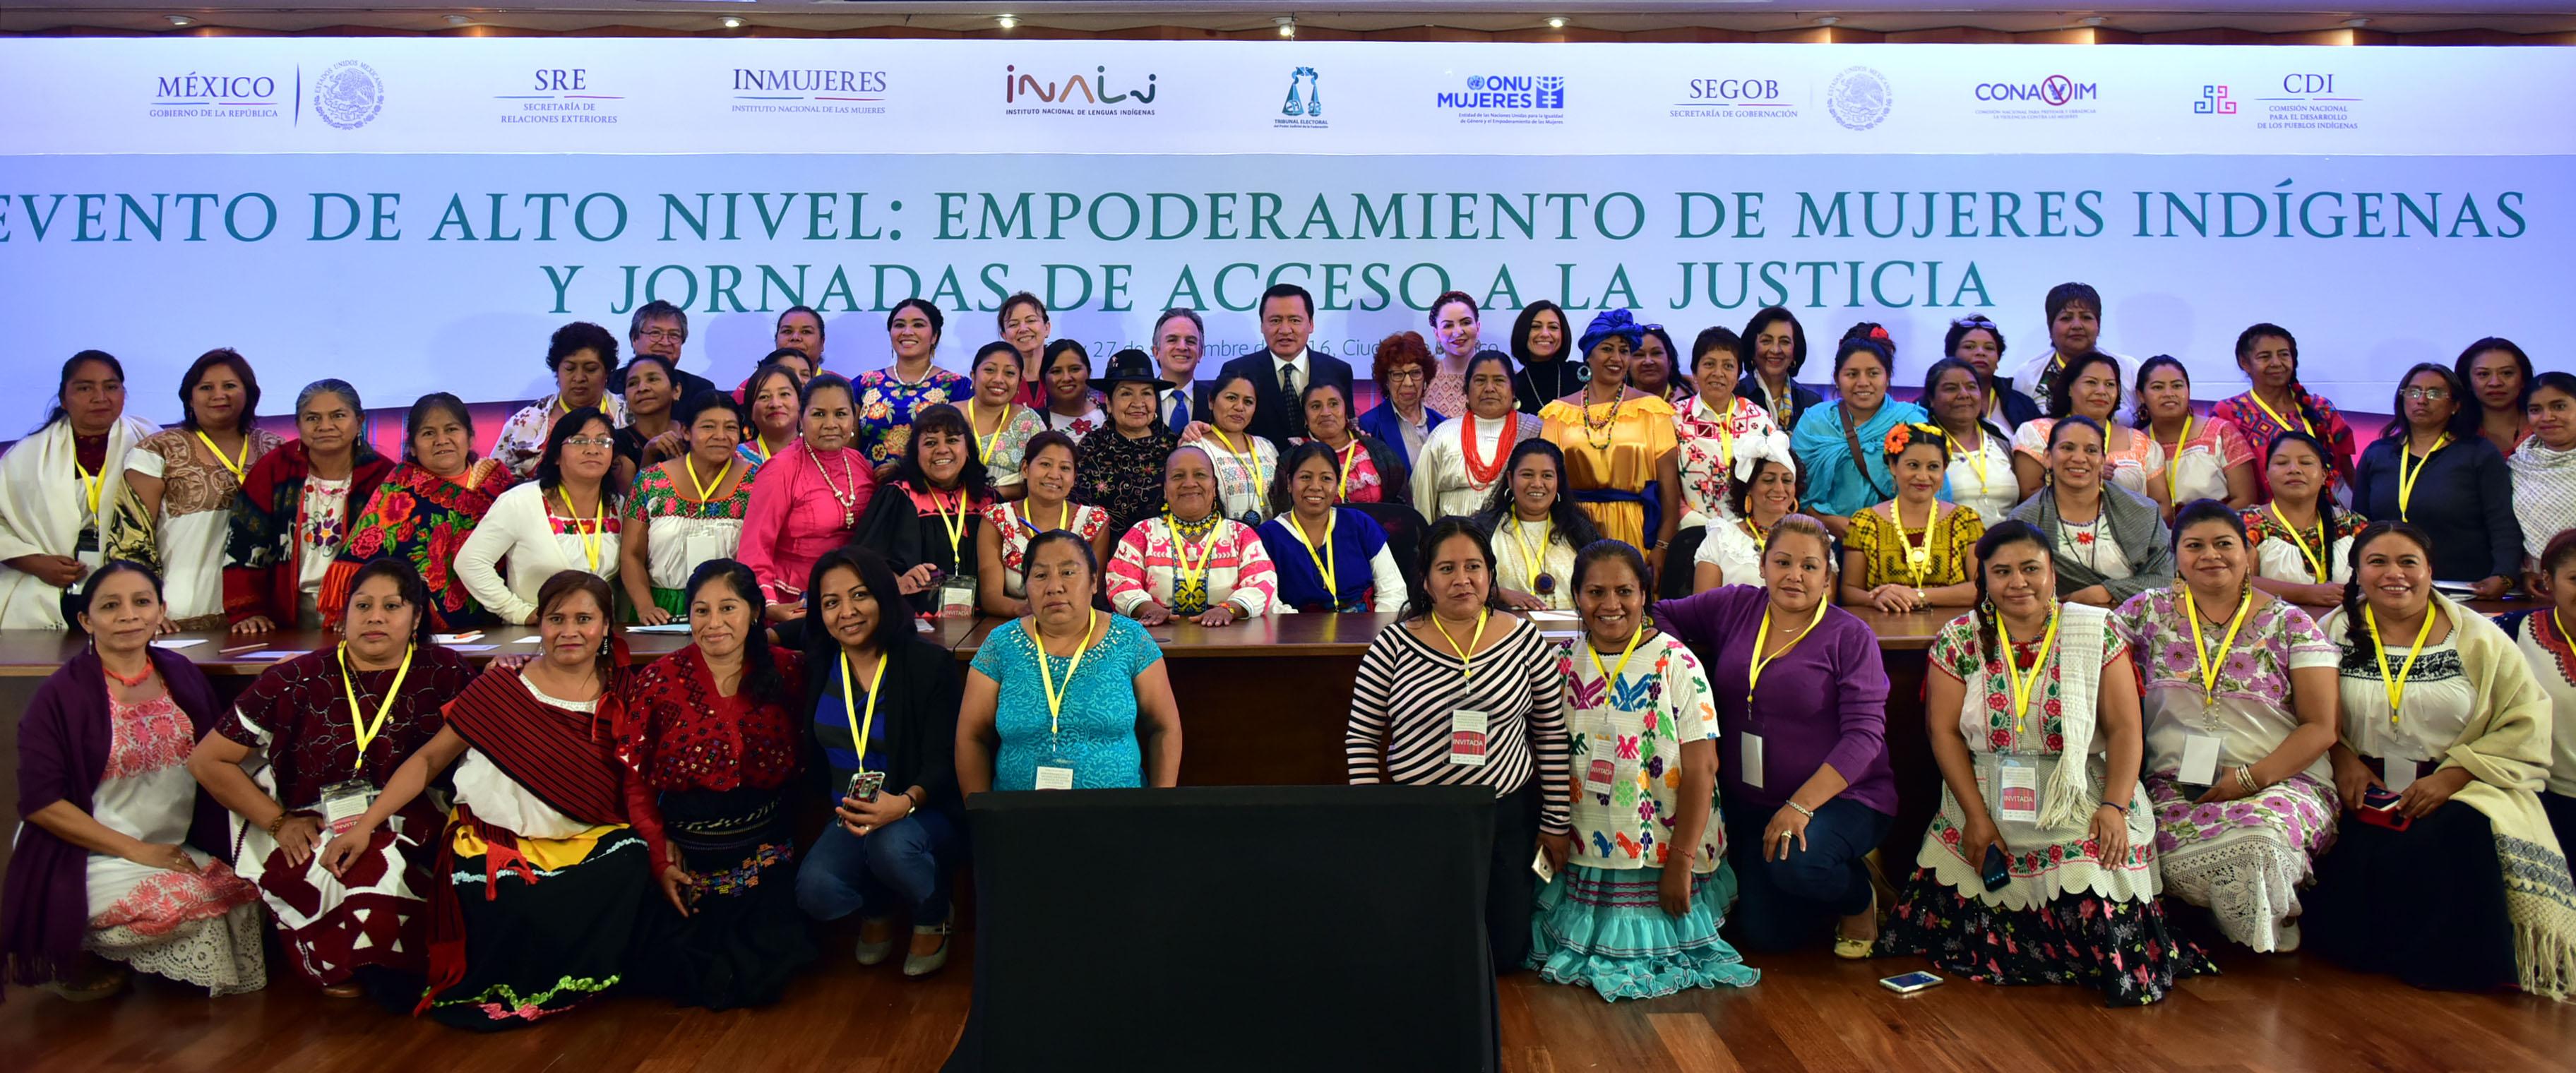 Las mujeres no han tenido el lugar que les corresponde política, económica y socialmente, situación aún más grave en los casos que viven las comunidades indígenas: Secretario Osorio Chong